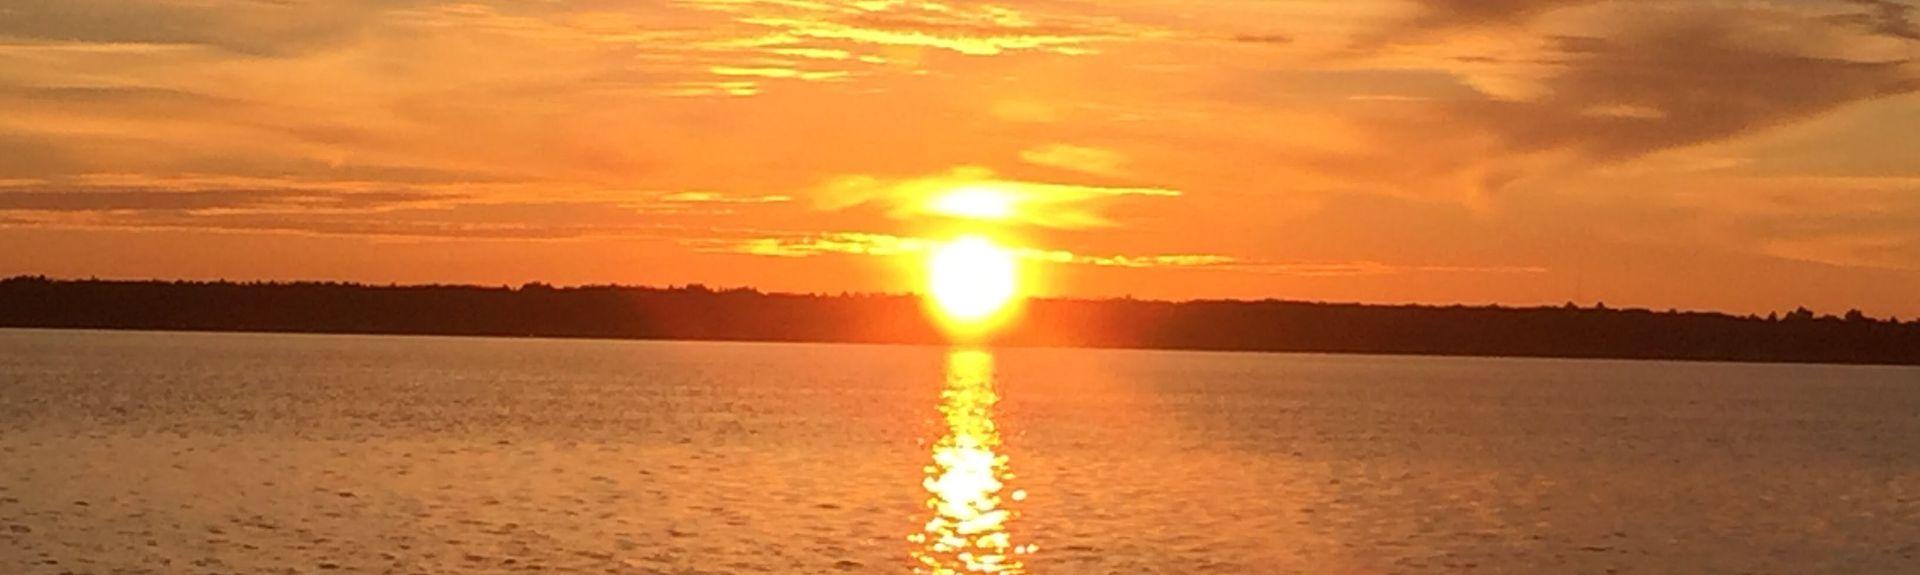 Lake Mitchell, Michigan, États-Unis d'Amérique